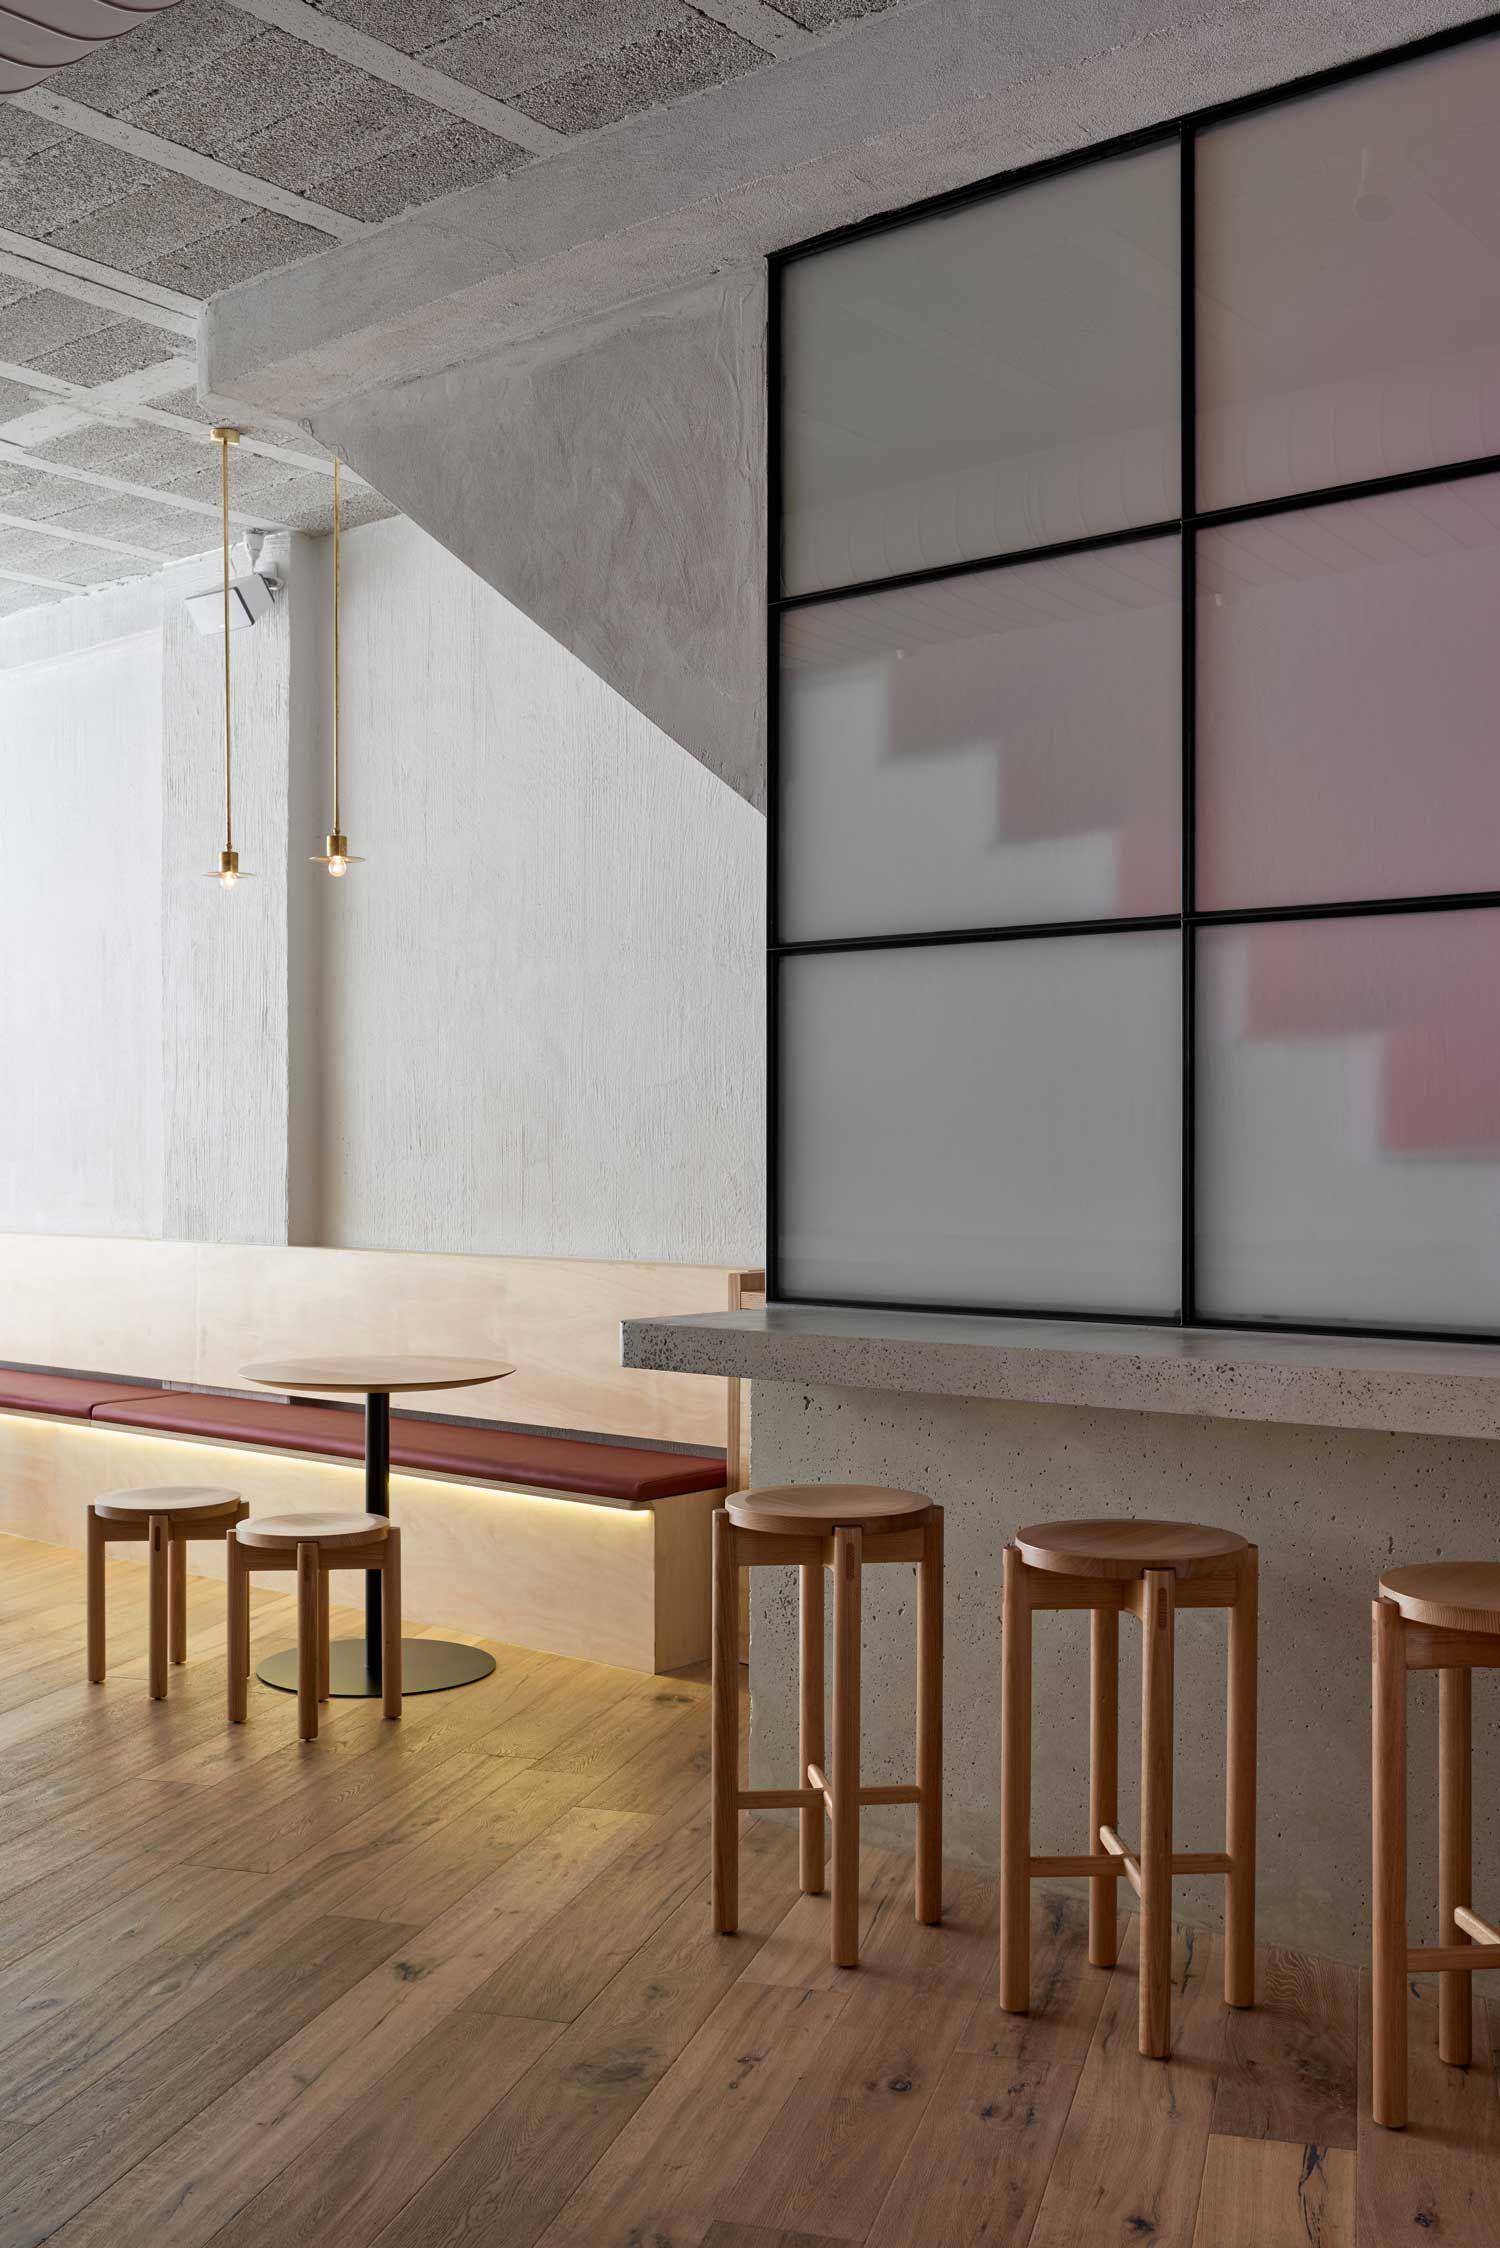 Yukie Snack Bar in Melbourne by P-E-K STUDIO.